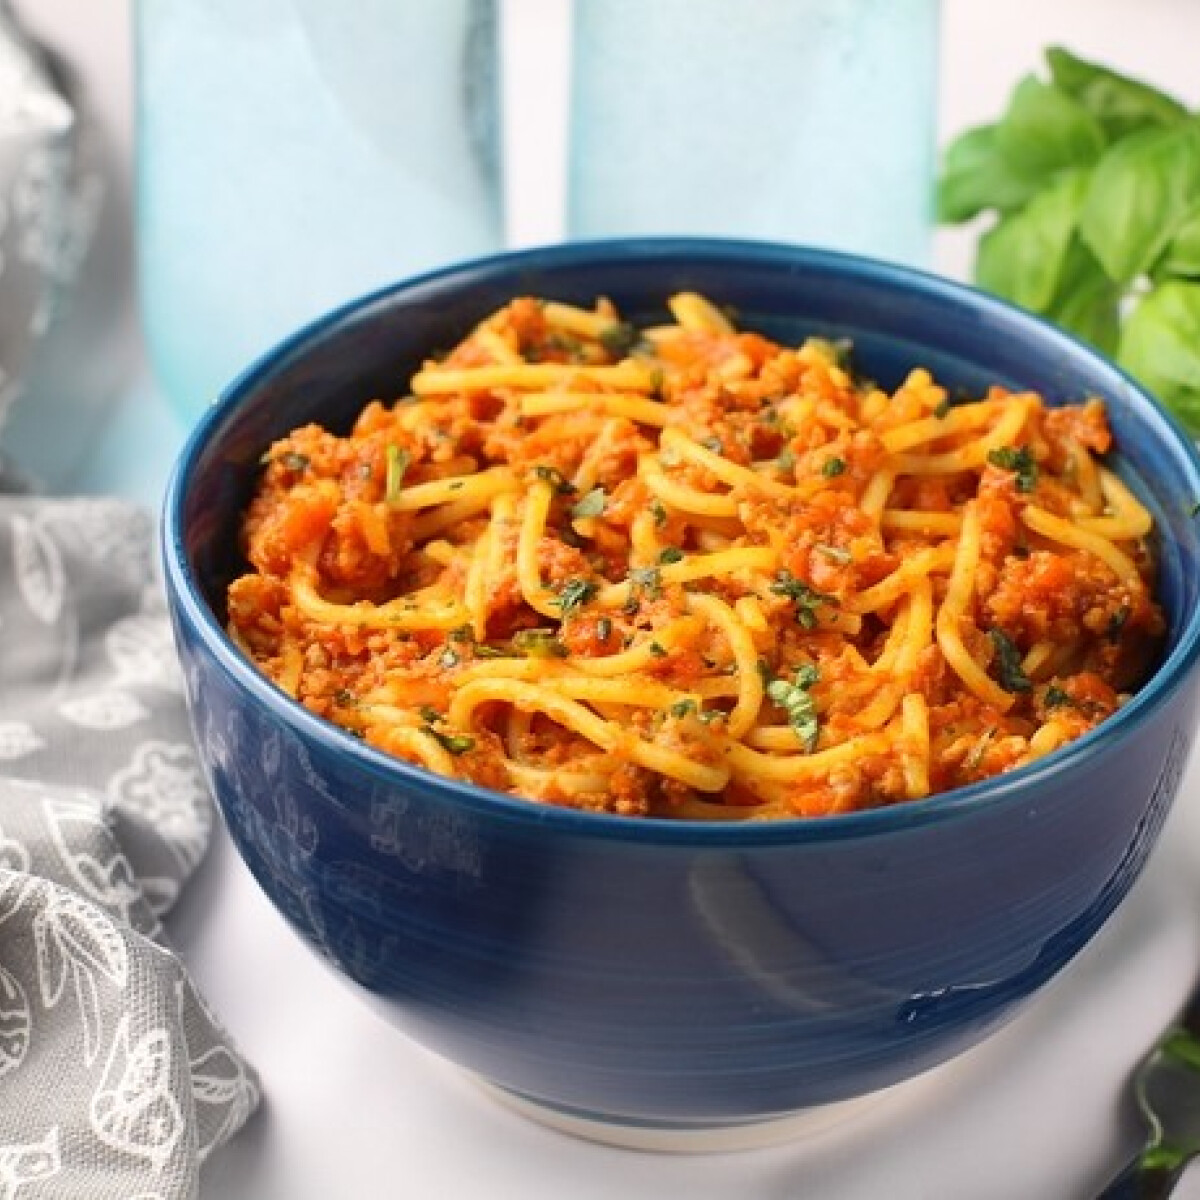 Ezen a képen: Bolognai spagetti egyszerűen és gyorsan